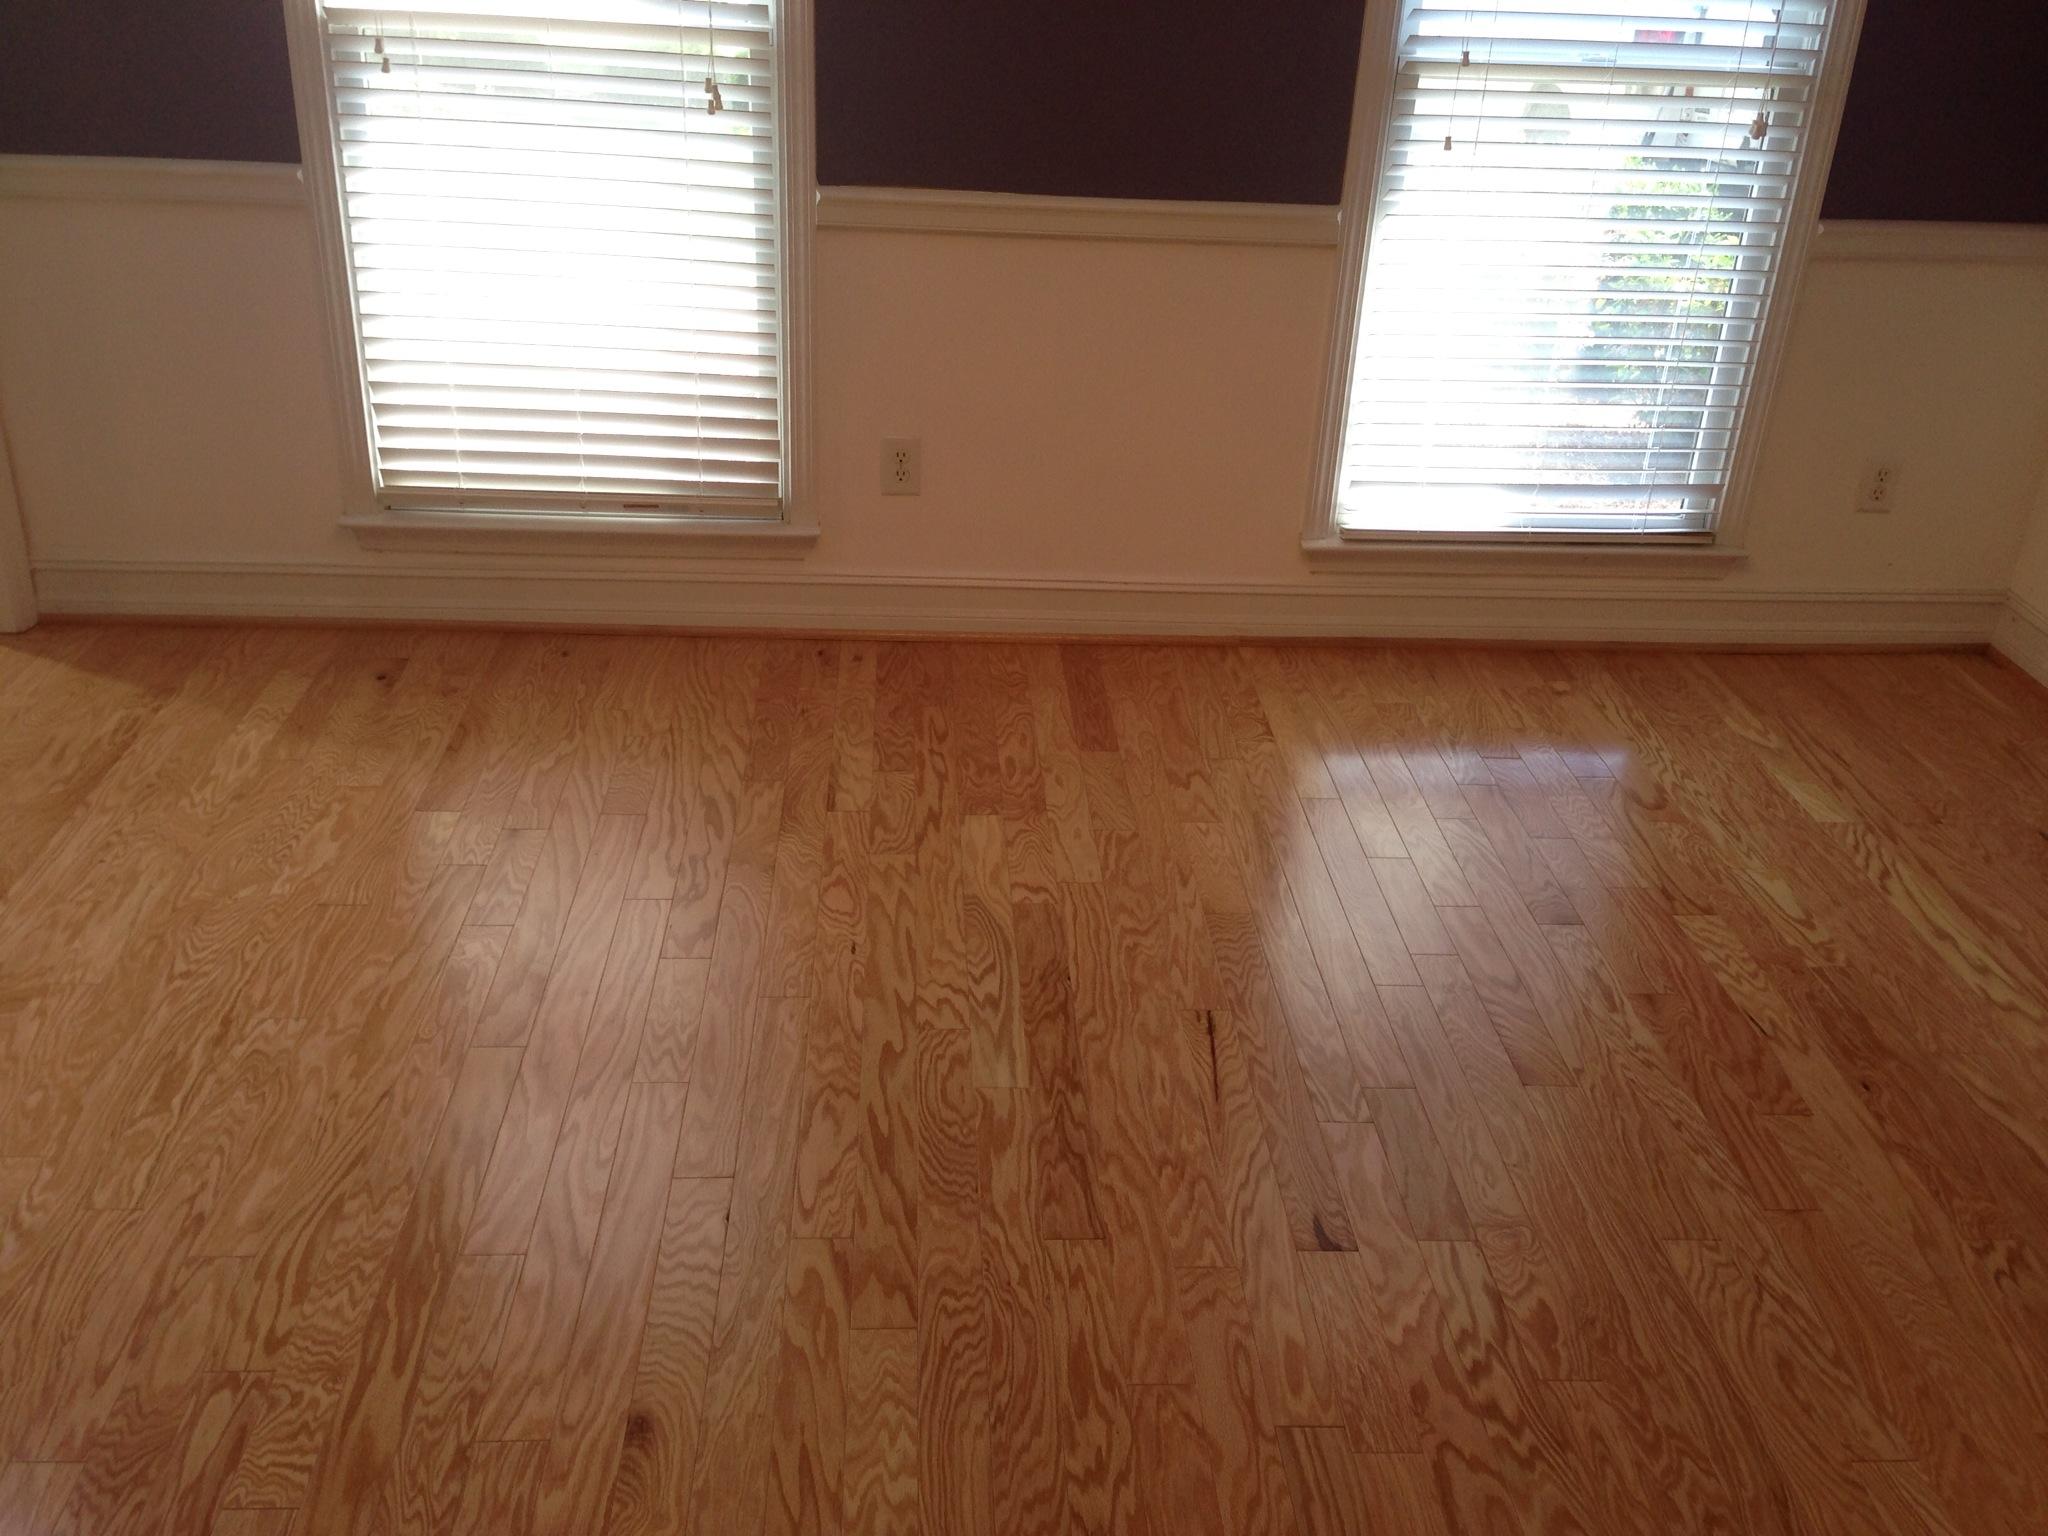 Laminate Flooring Formaldehyde Emission Laplounge